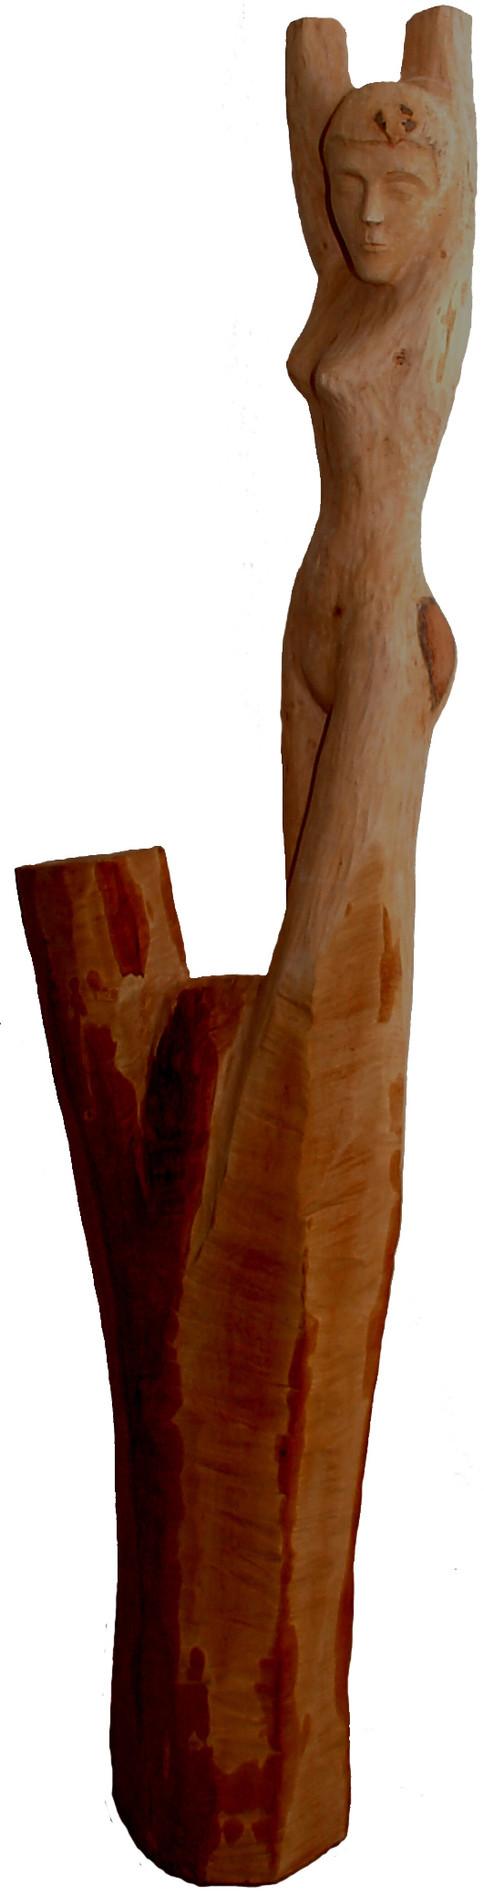 Ursprung II - Höhe ca. 200 cm